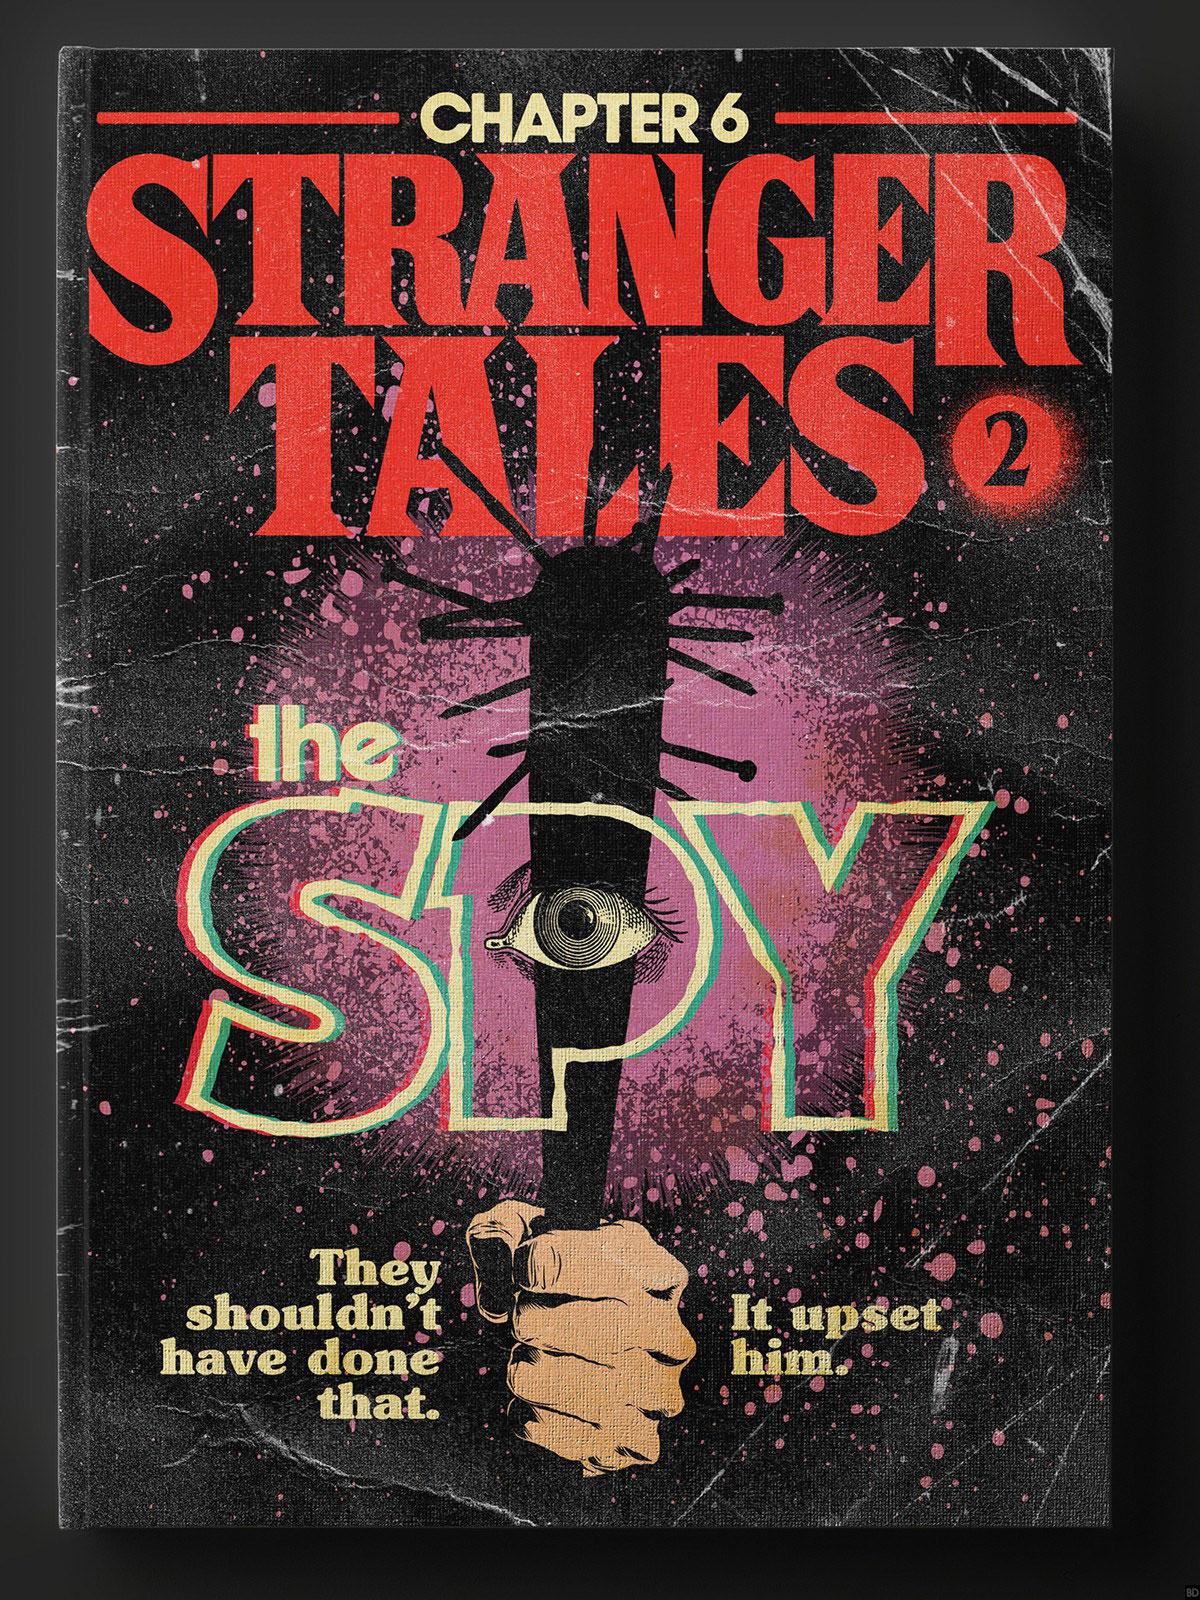 Stranger in a Strange Land by Heinlein, First Edition